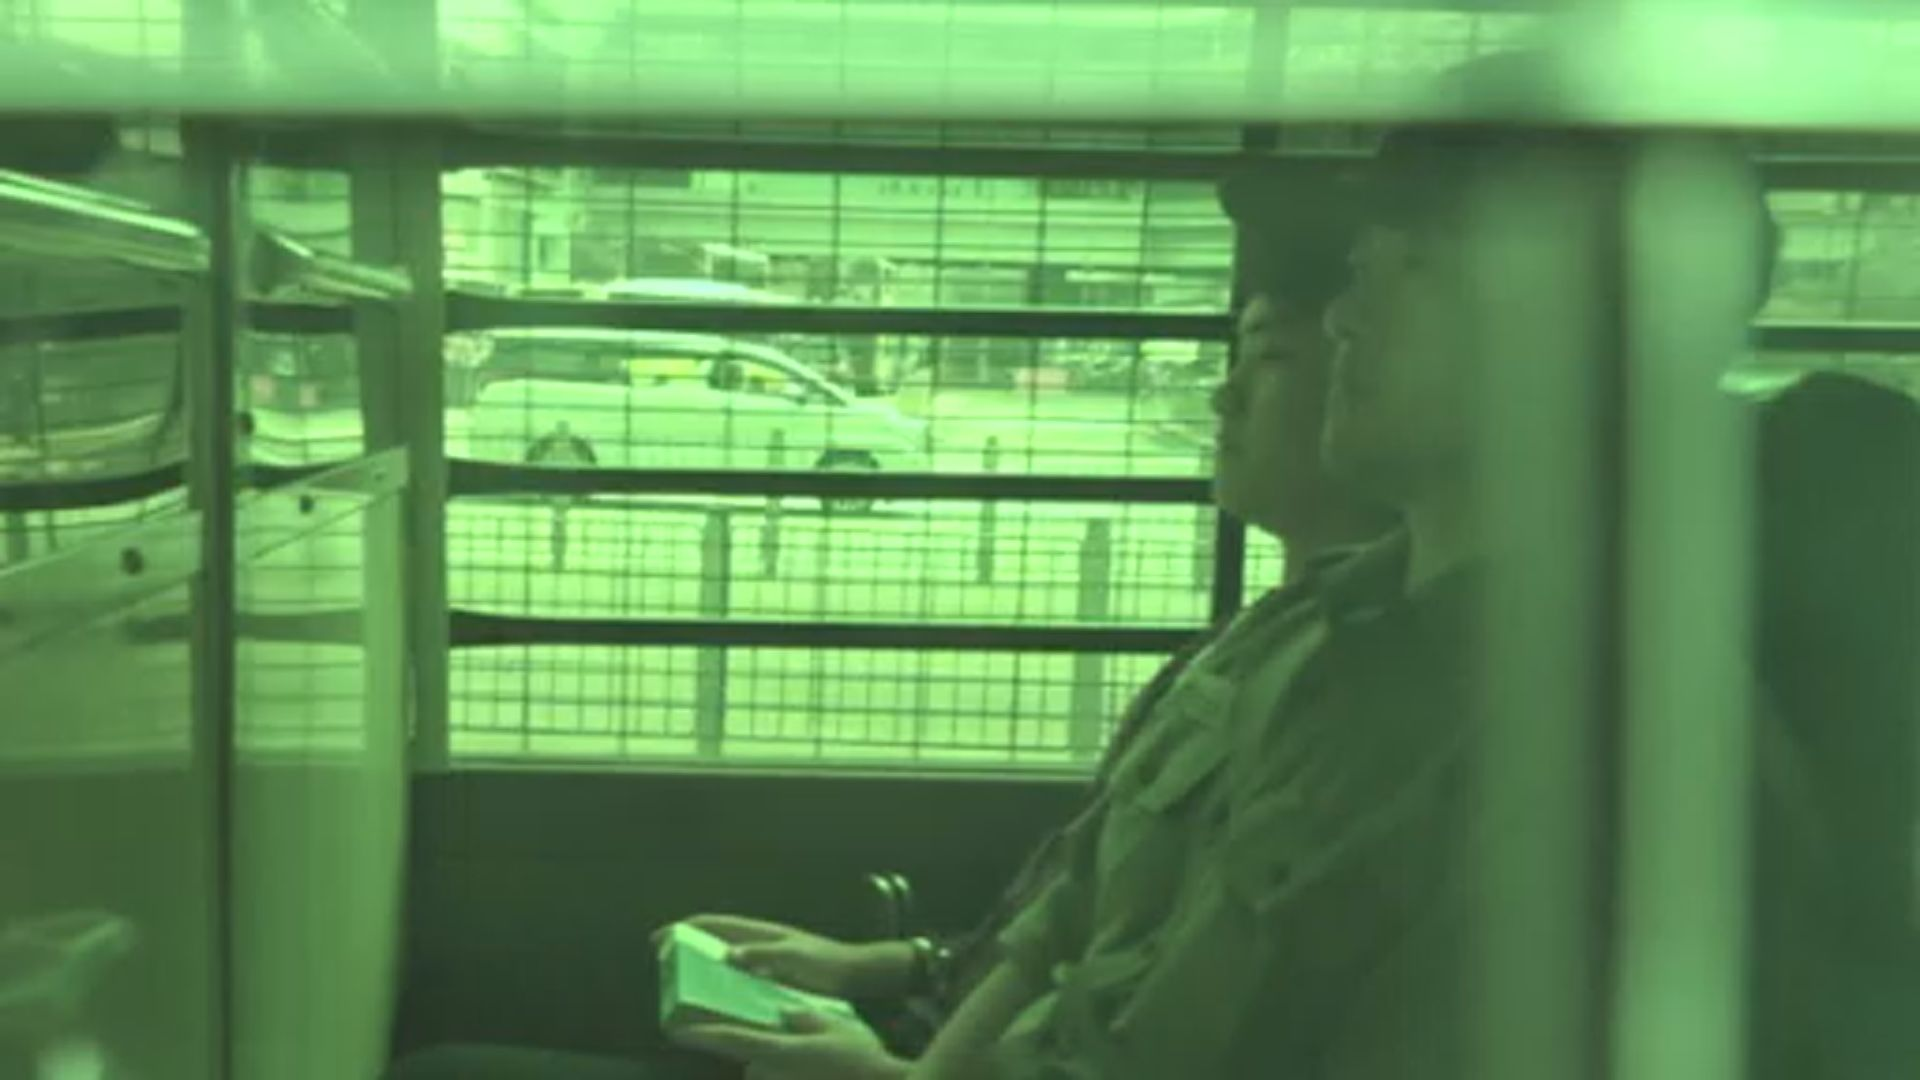 【即日焦點】陳同佳最快10月獲釋 林鄭:修例刻不容緩;印尼大選馬拉松式點票逾270人過勞死